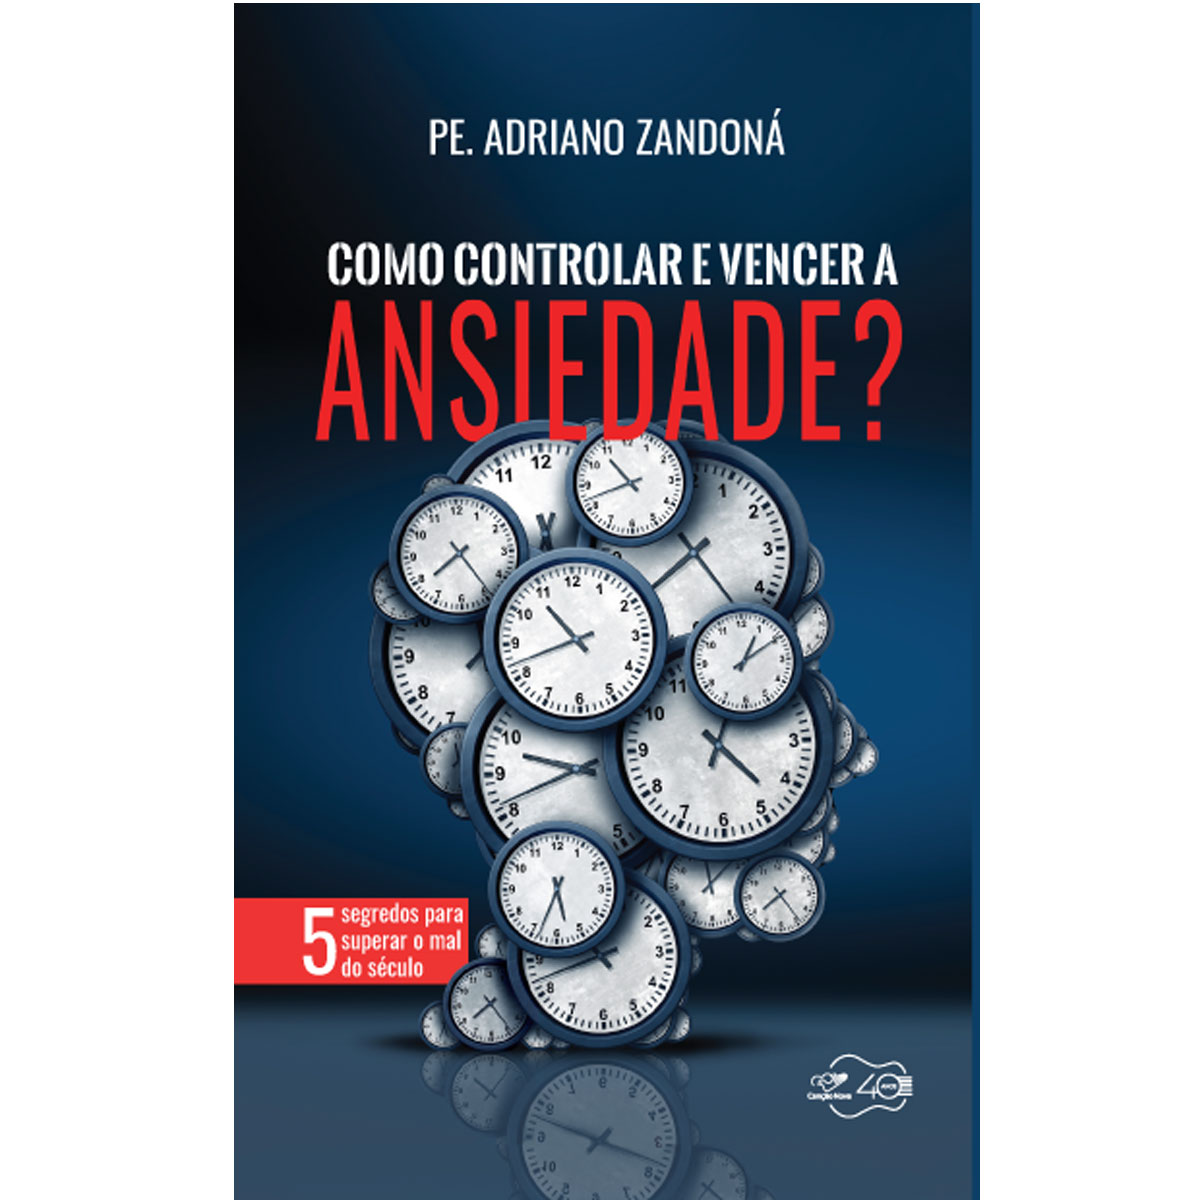 Livro Como Controlar e Vencer a Ansiedade? - Padre Adriano Zandoná